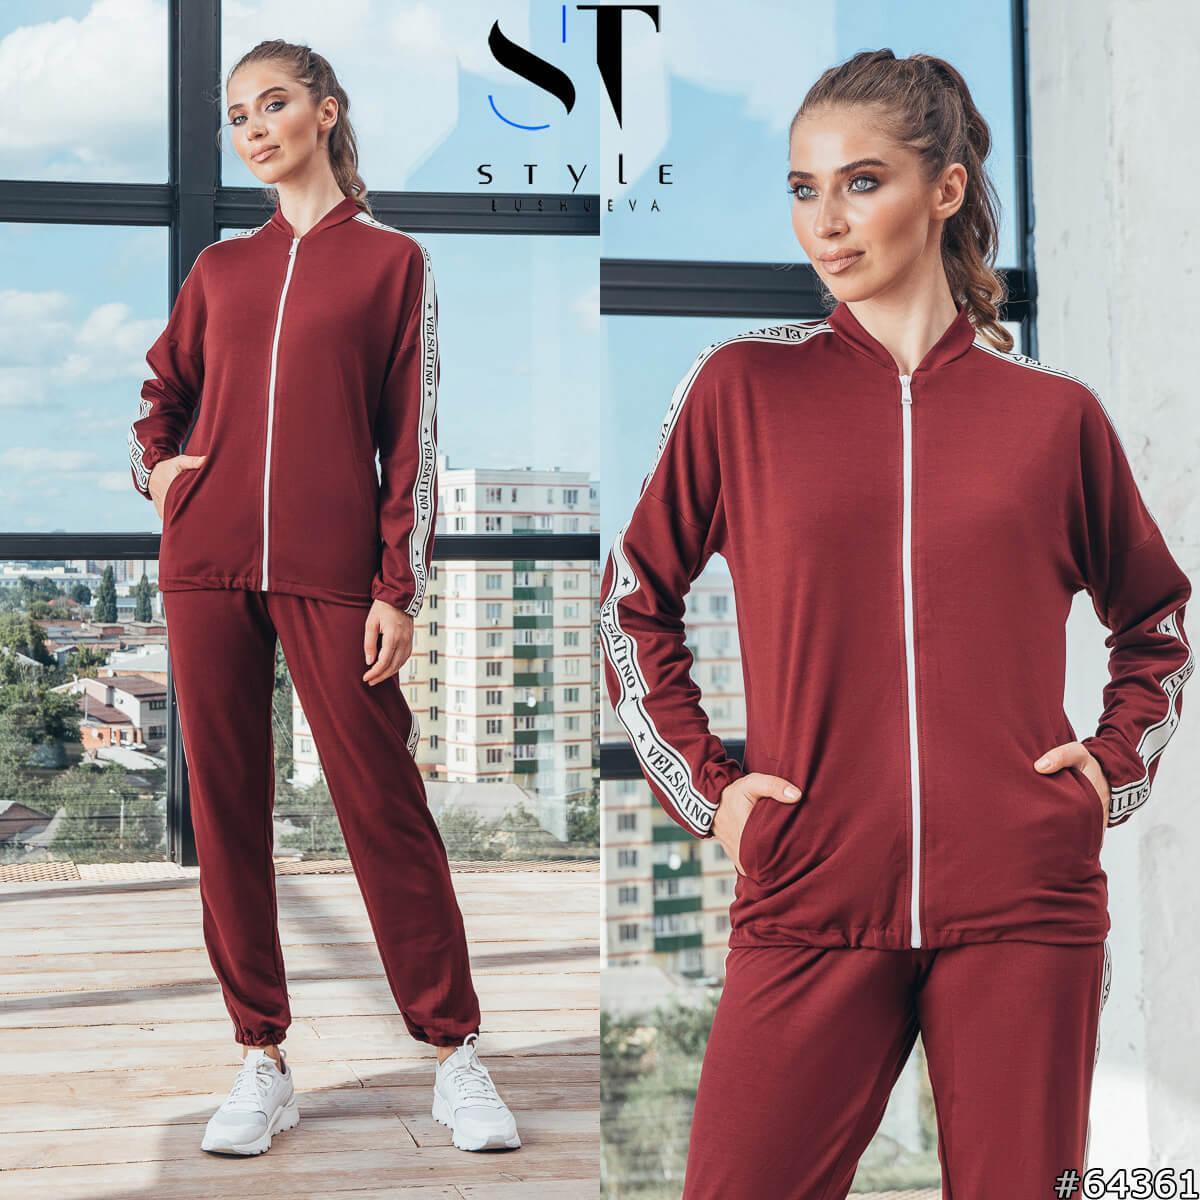 Спортивный женский костюм  норма р.42-48  ST Style